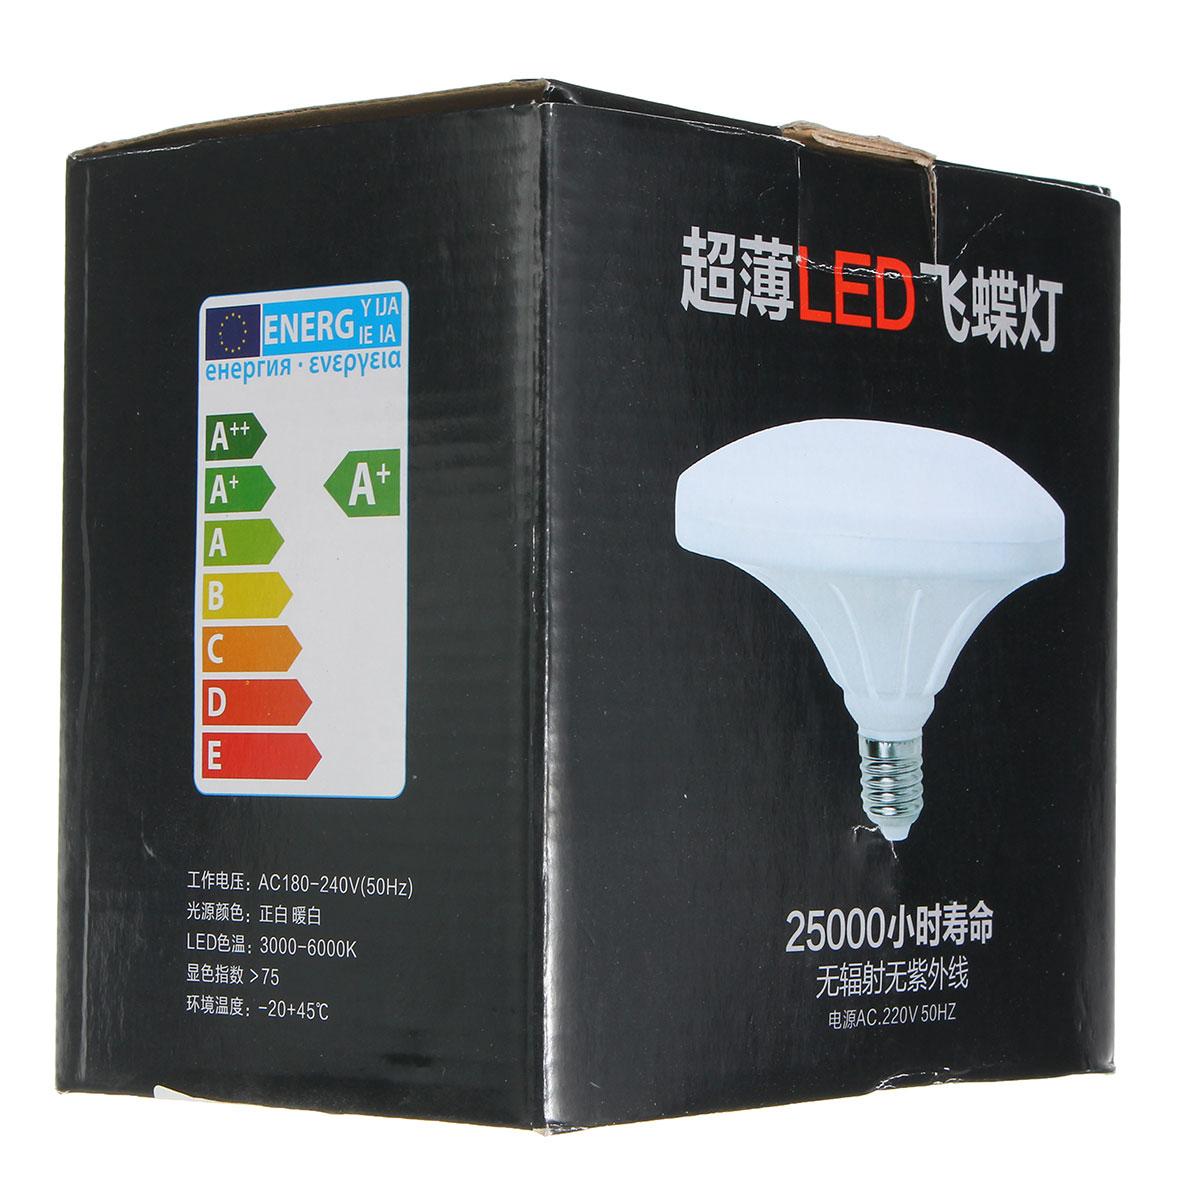 E27 24W 48 SMD 5730 LED Cool White Saucer Globe Light Lamp Bulb AC220V